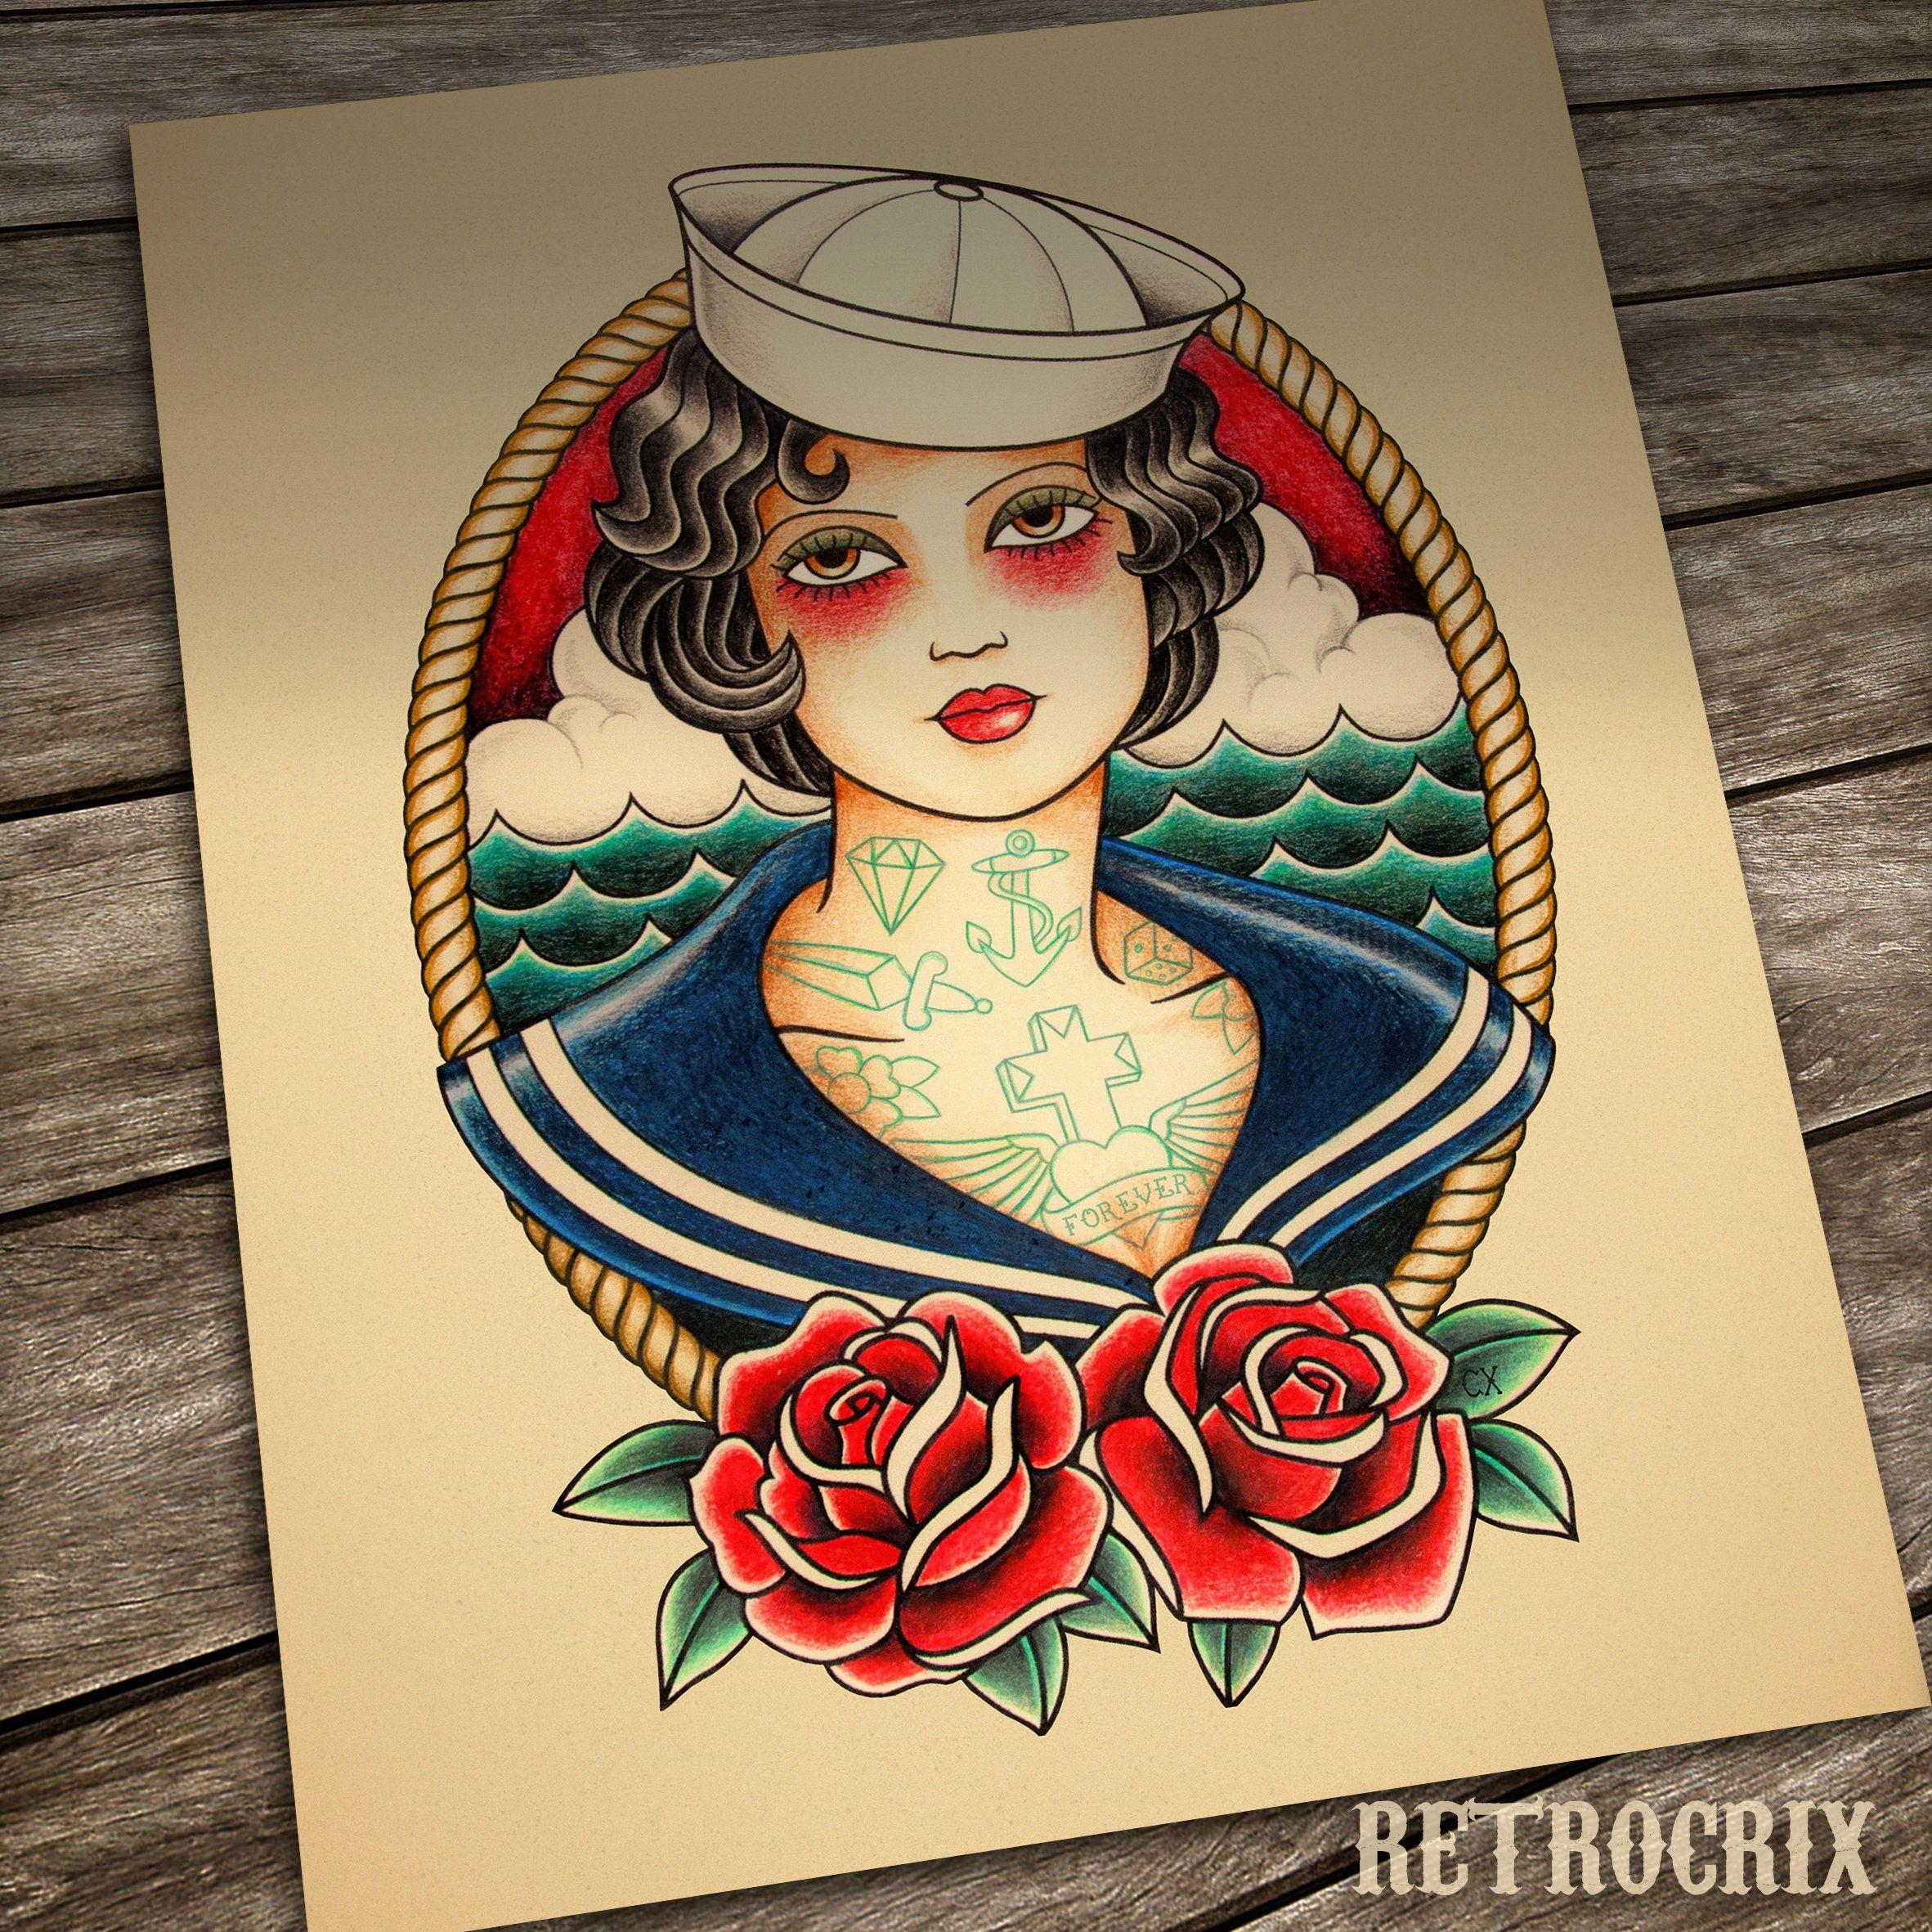 Sailor Girl Tattoo Print Nautical Tattoo Traditional Tattoo Etsy In 2020 Nautical Tattoo Old School Tattoo Girl Tattoos